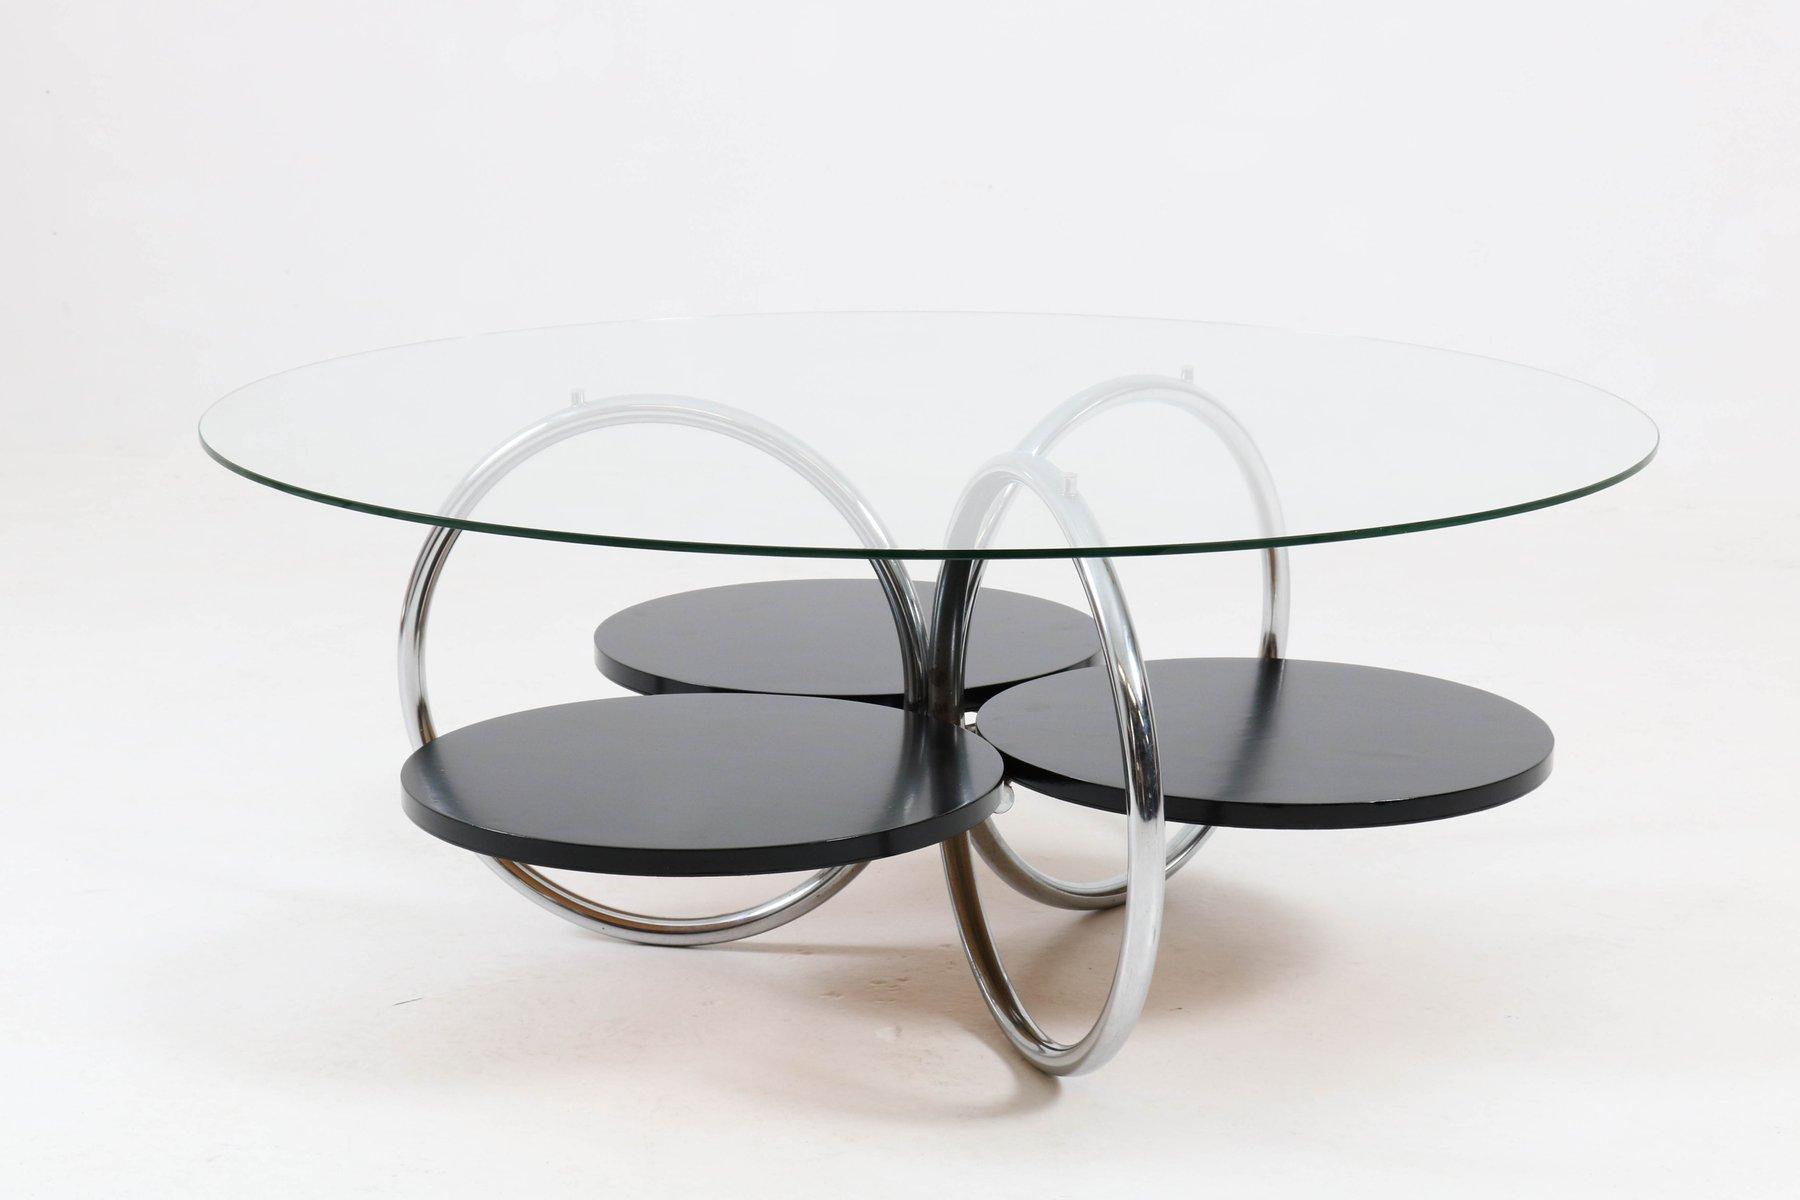 Tavolini In Vetro E Acciaio : Tavolino da caffè mid century in acciaio tubolare e vetro francia